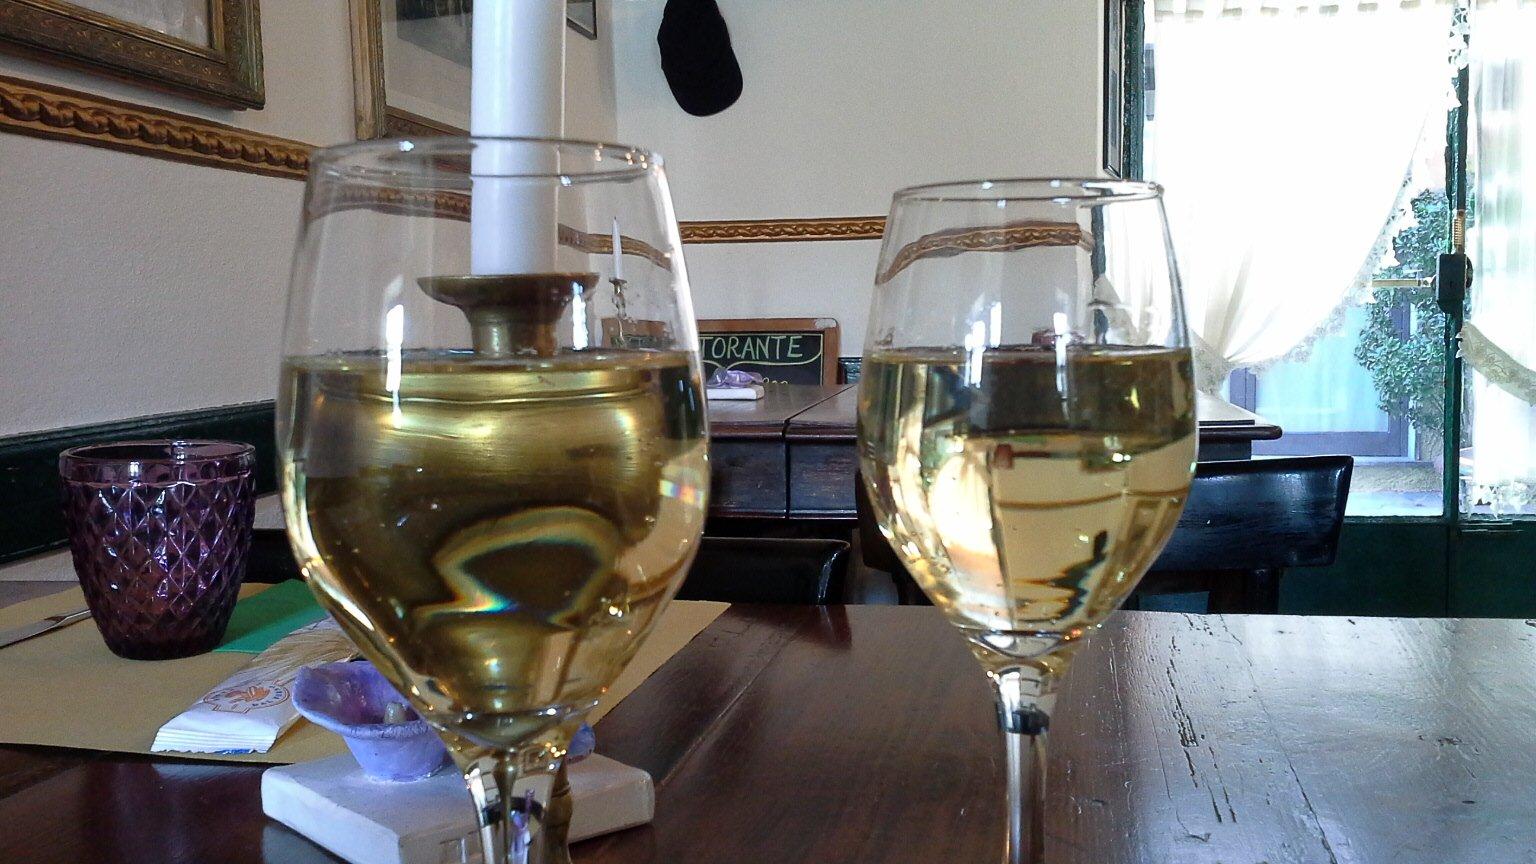 Cosa mangiare a Varzi e cosa bere